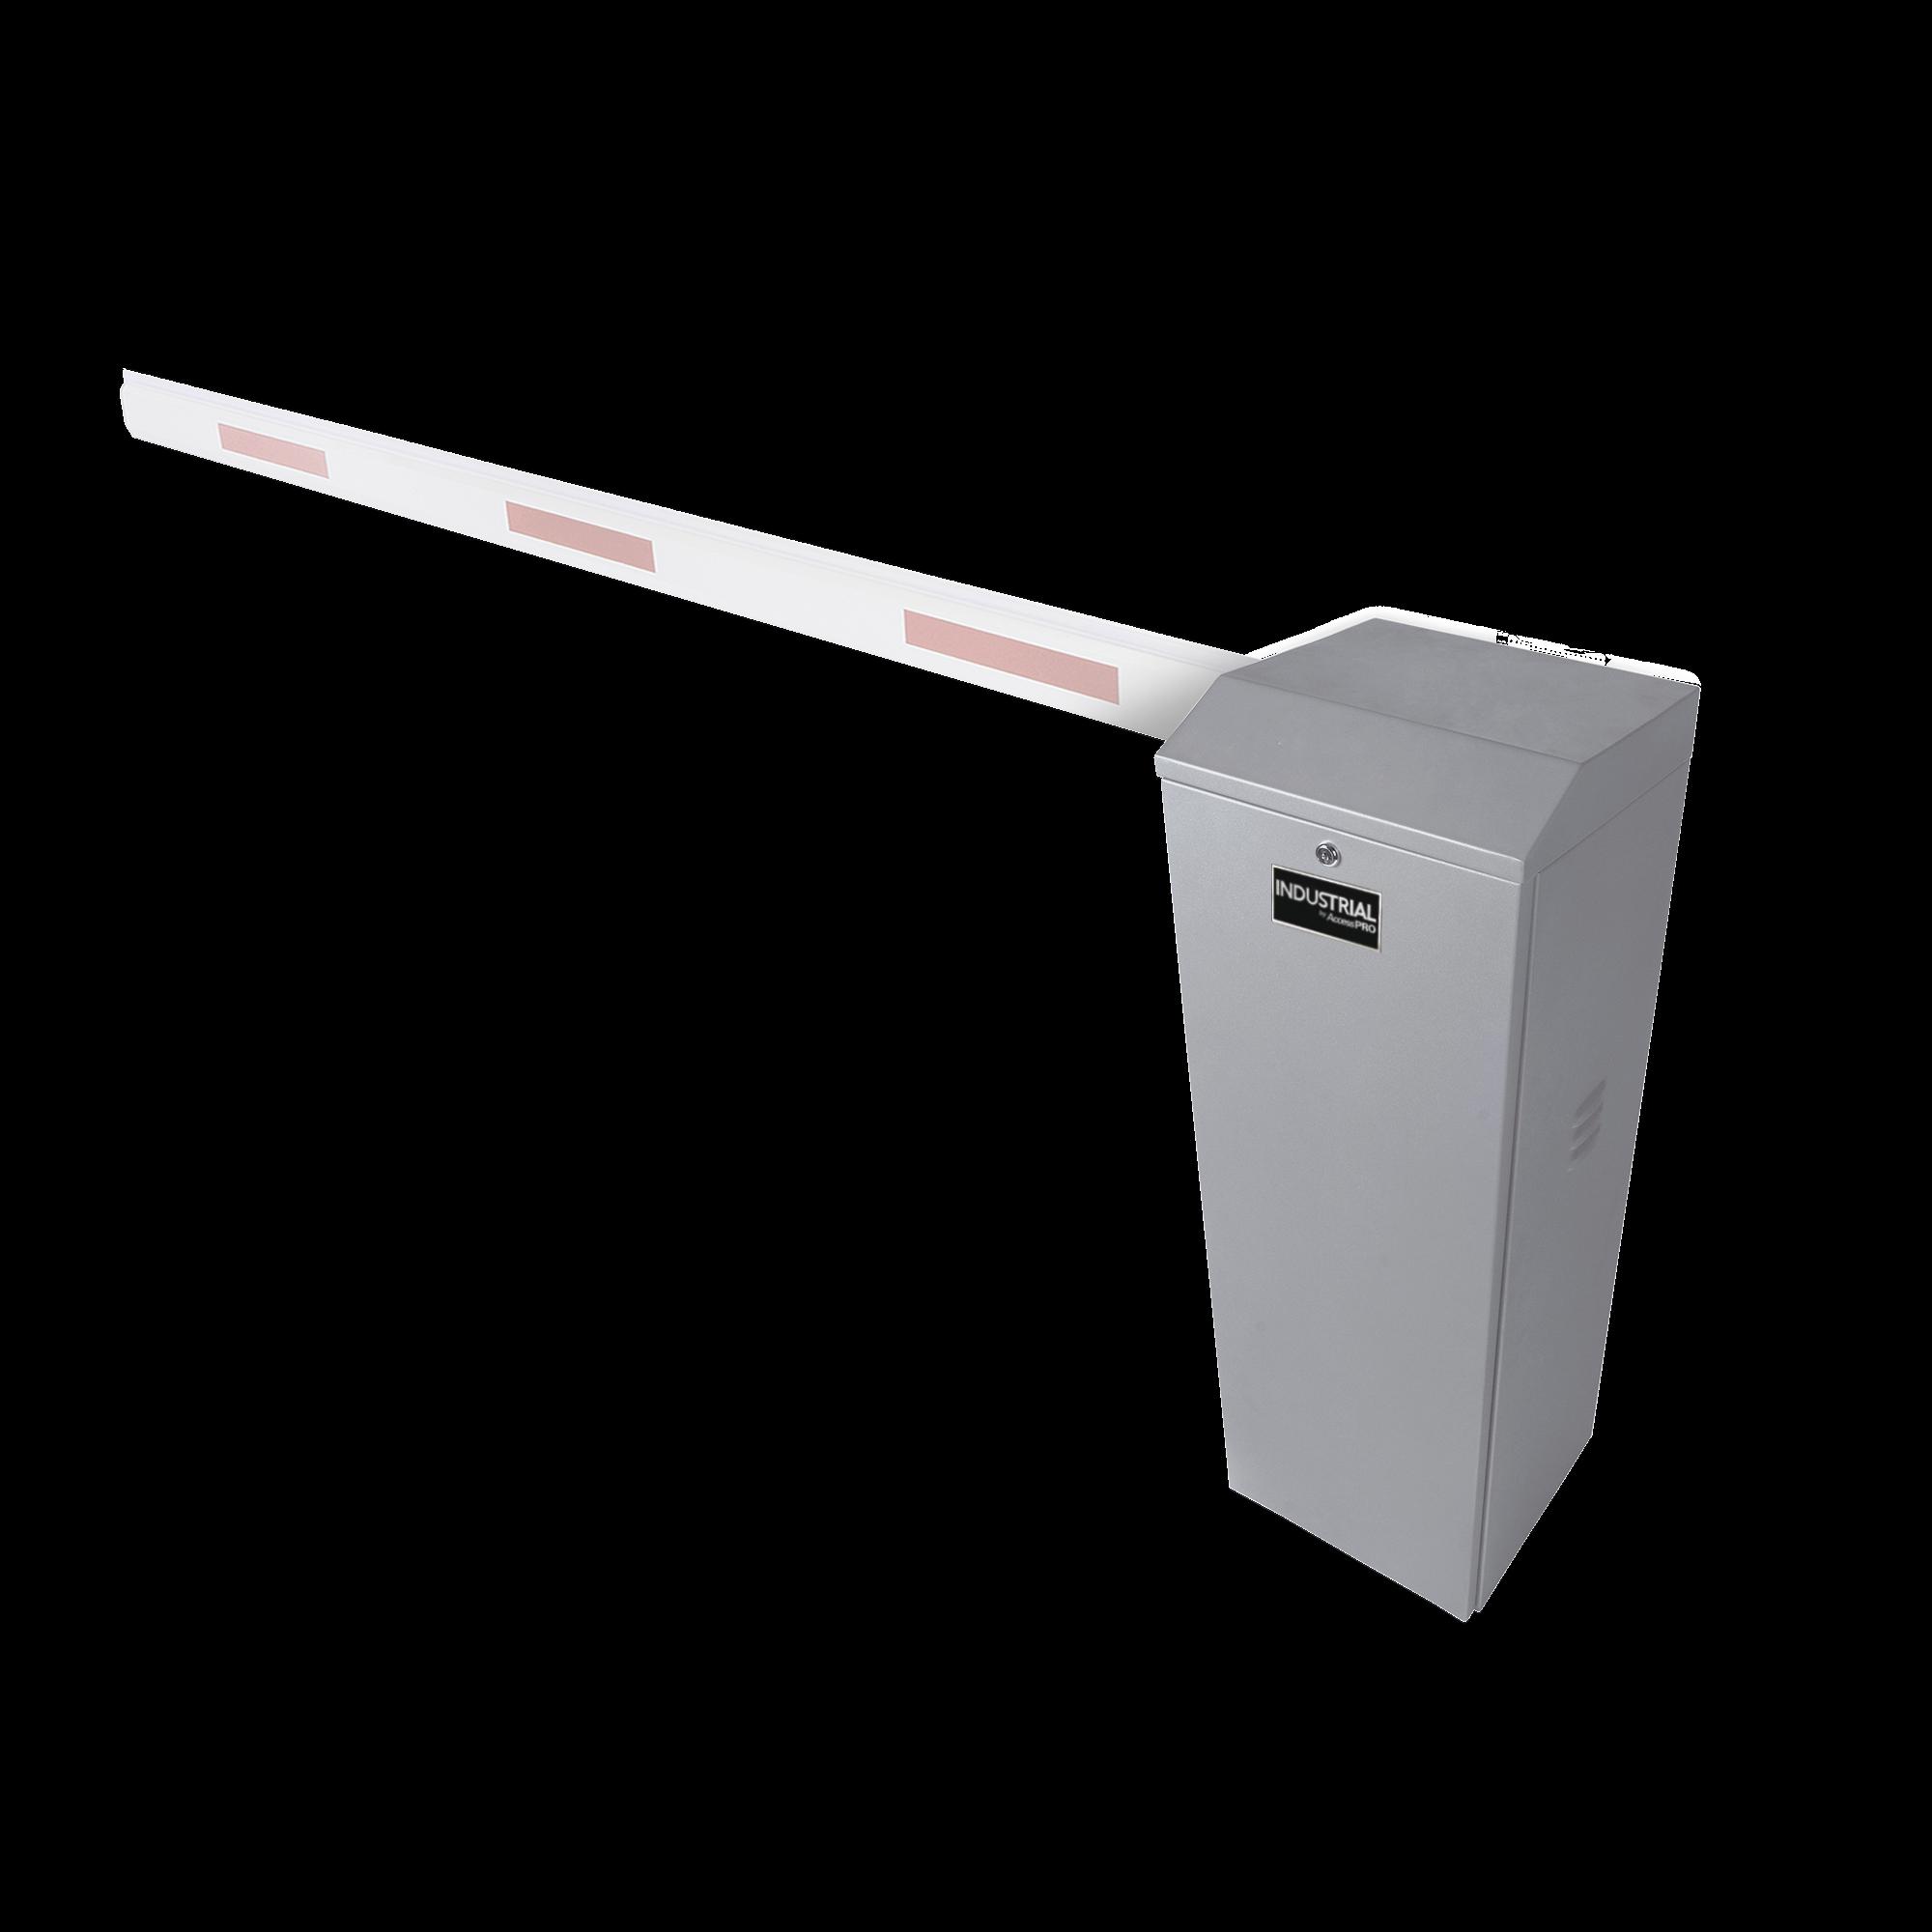 Barrera vehicular izquierda / Soporta brazo de hasta 3 m / Apertura en 1.5 s /Final de carrera ajustable por programación / Movimiento fluido / Diseño elegante color gris